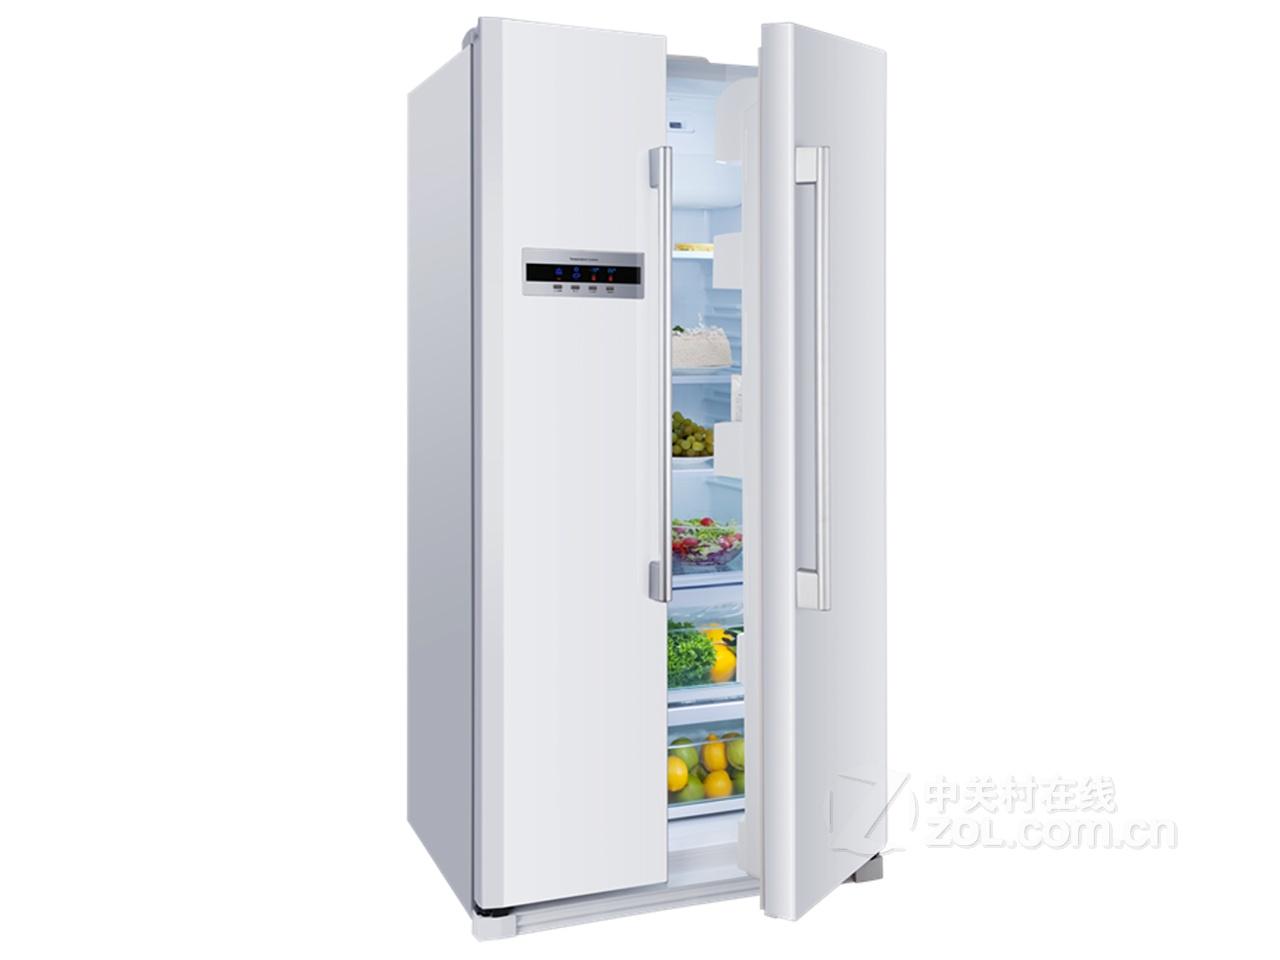 【Haier/海尔BCD-331WDGQ多门冰箱】 Haier 海尔 ... -什么值得买